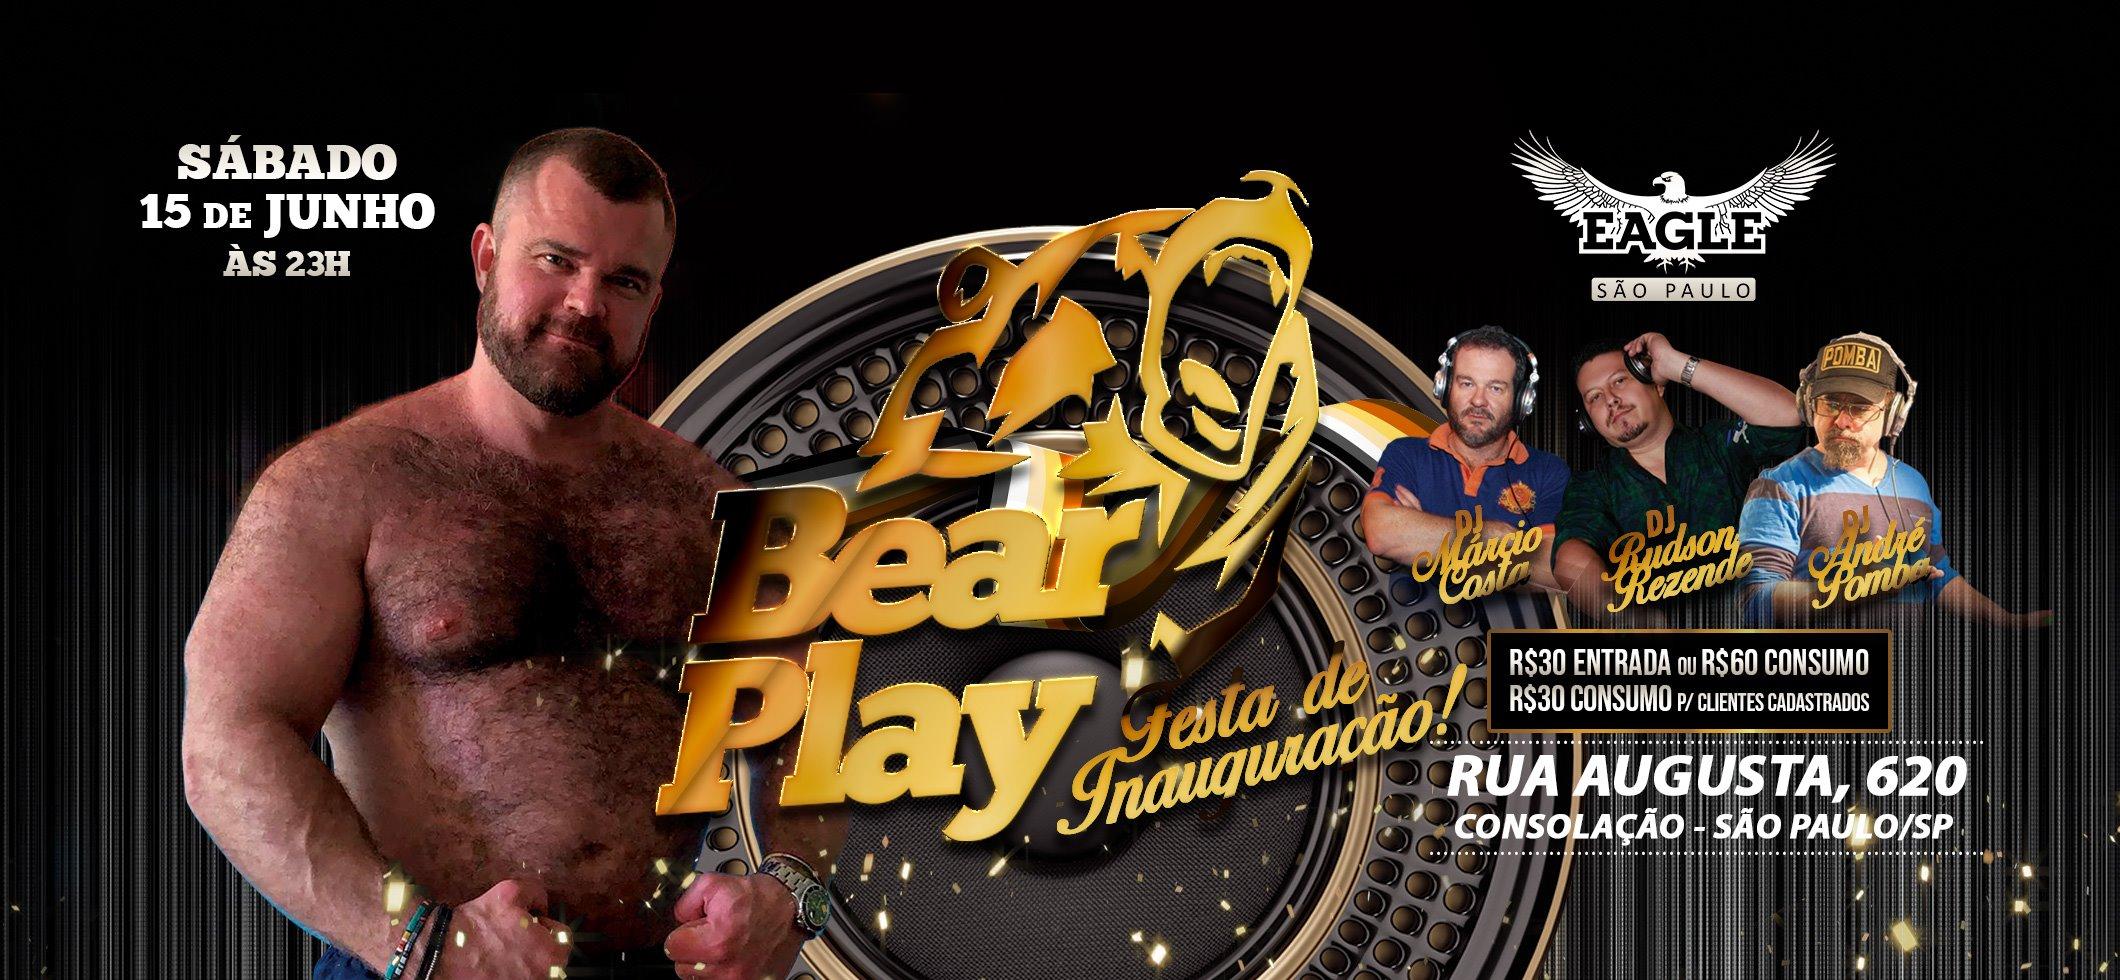 BearPlay - Festa de Inauguração da nova EagleSP - 15/06 às 23h a São Paulo le sab 15 giugno 2019 23:00-05:00 (Clubbing Gay)